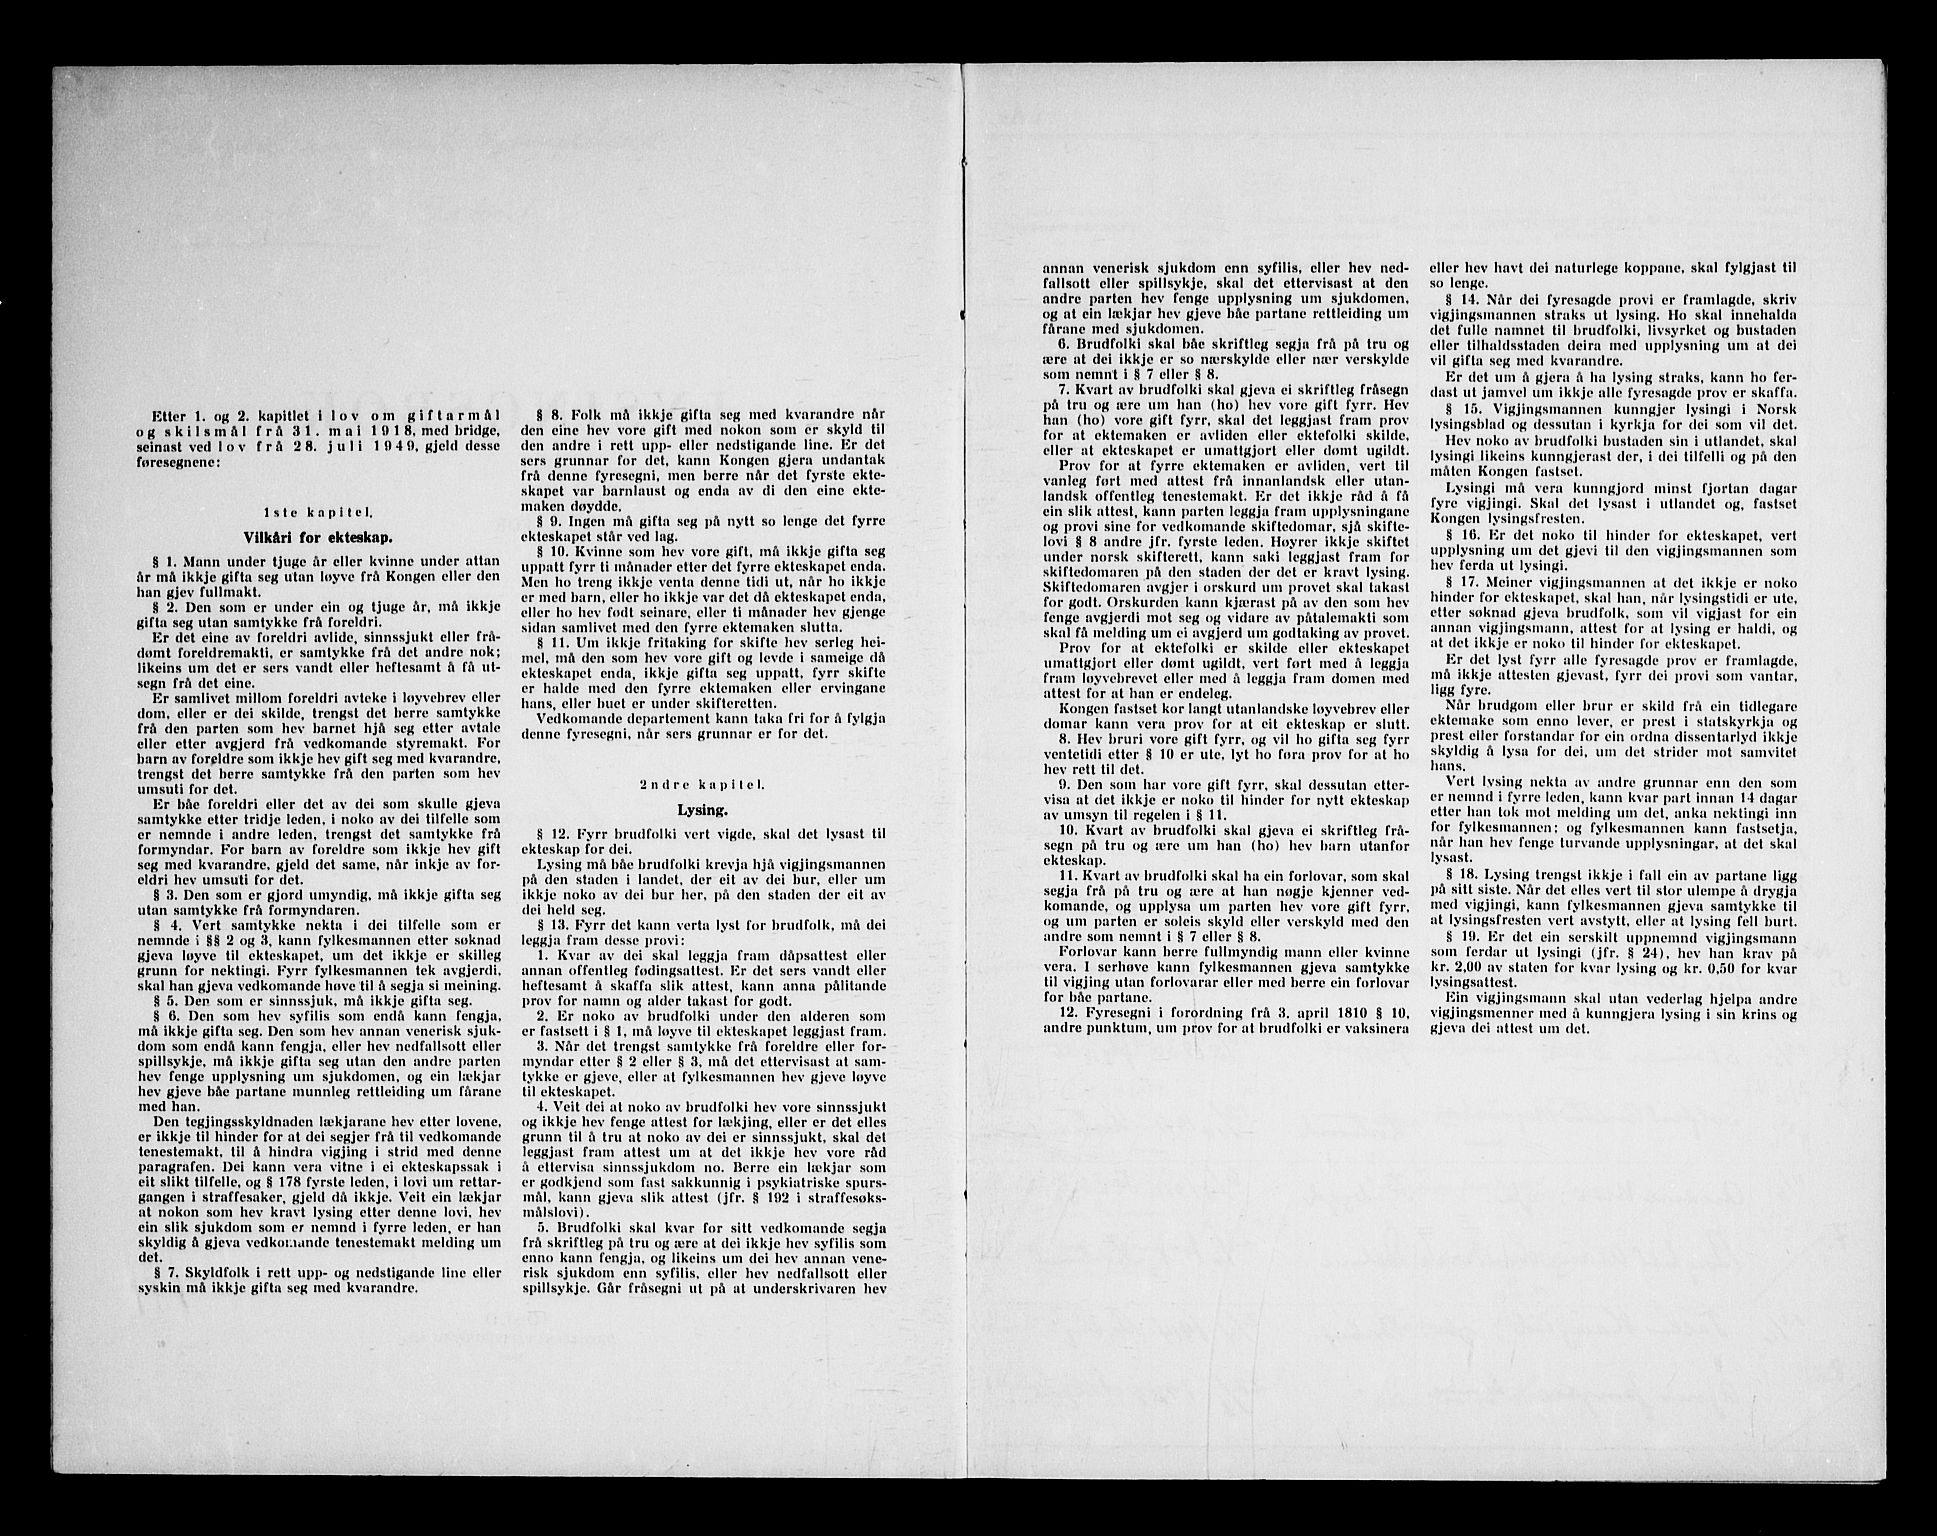 SAKO, Kviteseid kirkebøker, H/Ha/L0003: Lysningsprotokoll nr. 3, 1960-1969